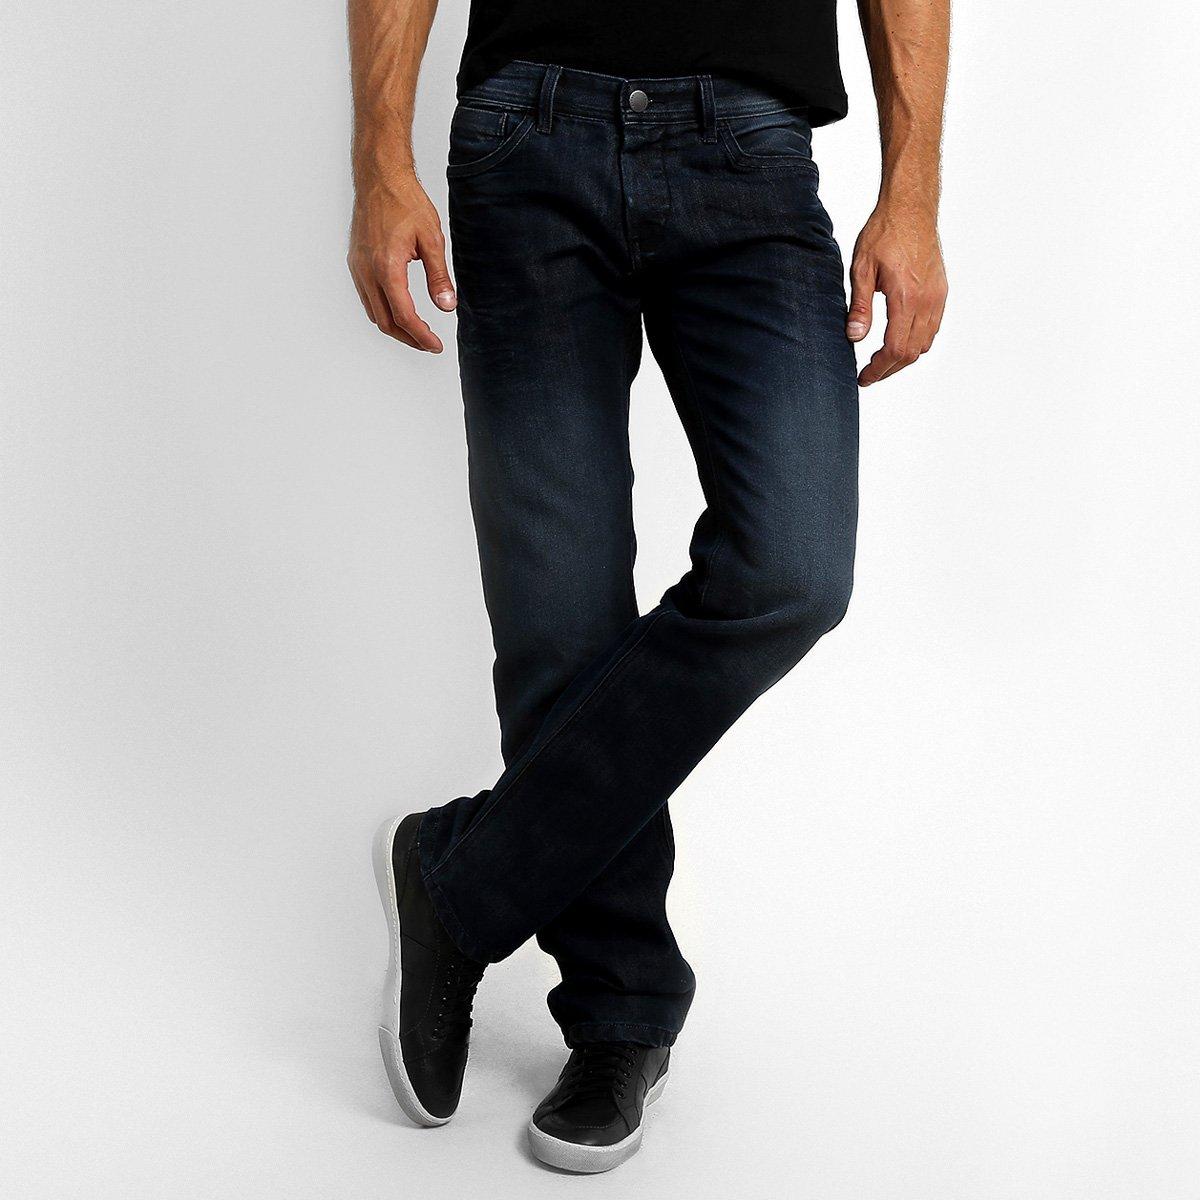 Calça Jeans Mandi Lavada Slim